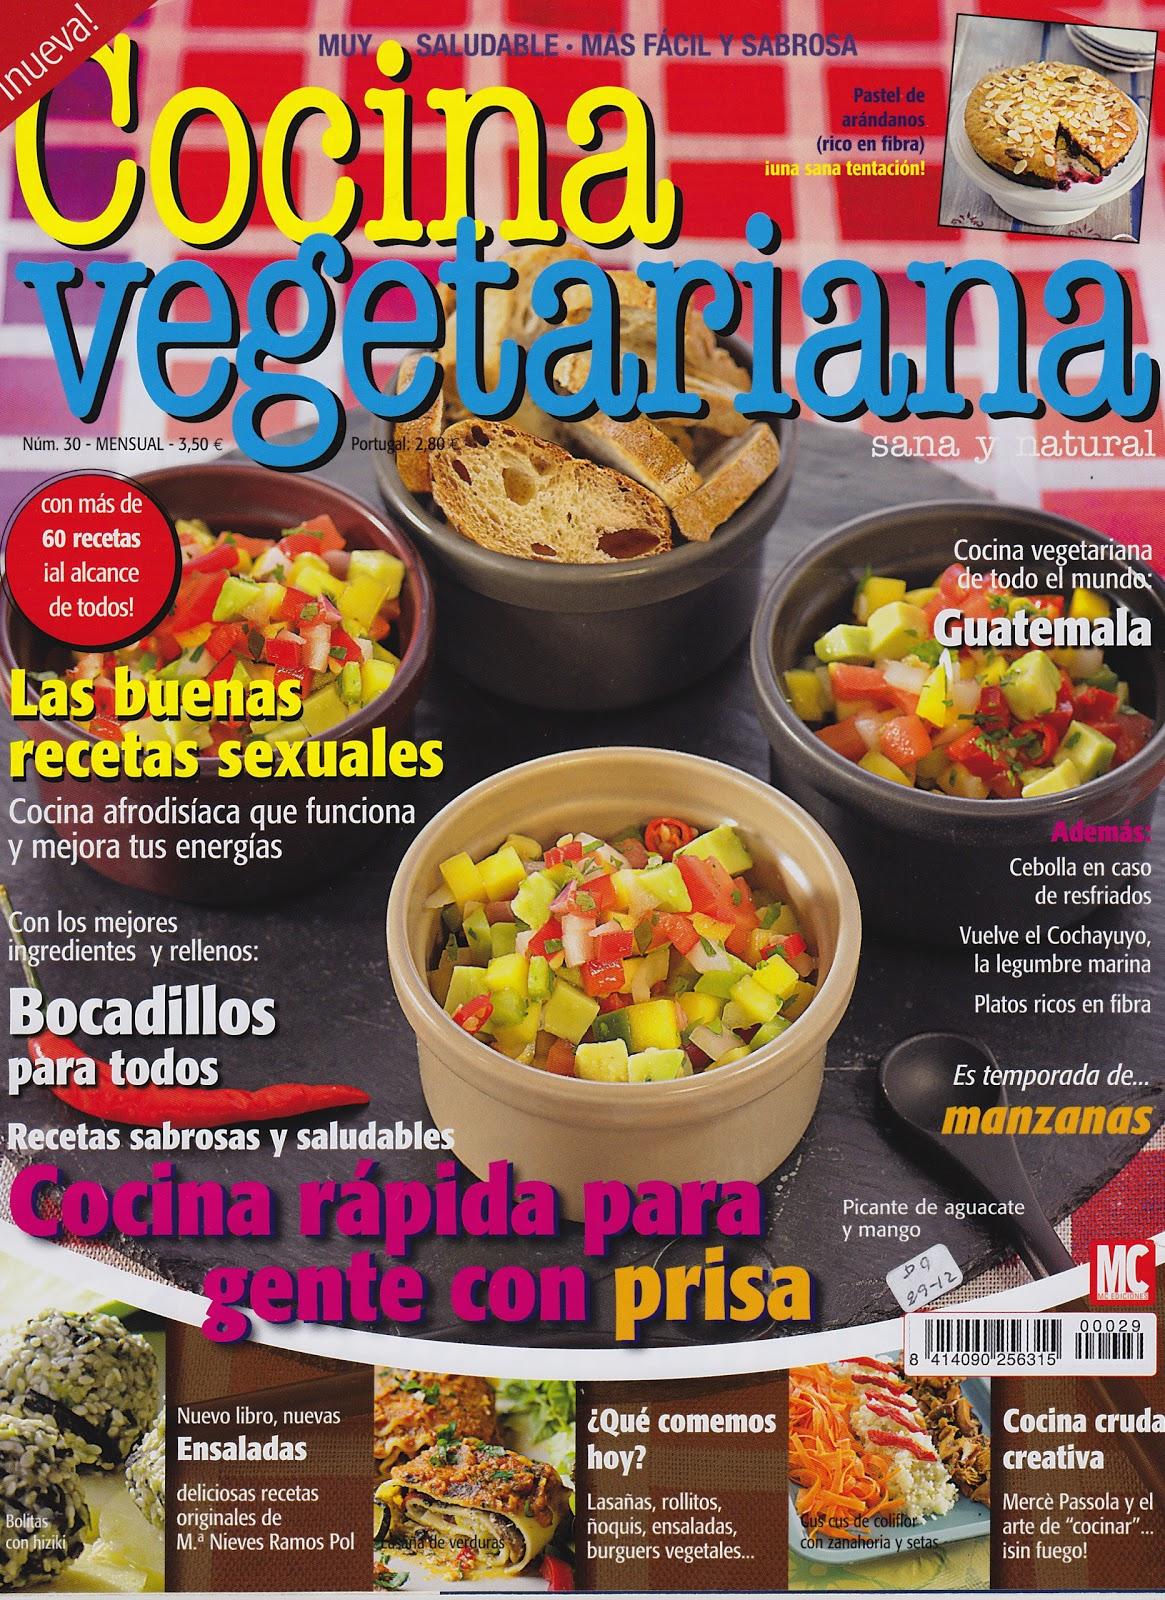 Vegan cocinavegetariano en la revista cocina for Blogs cocina vegetariana